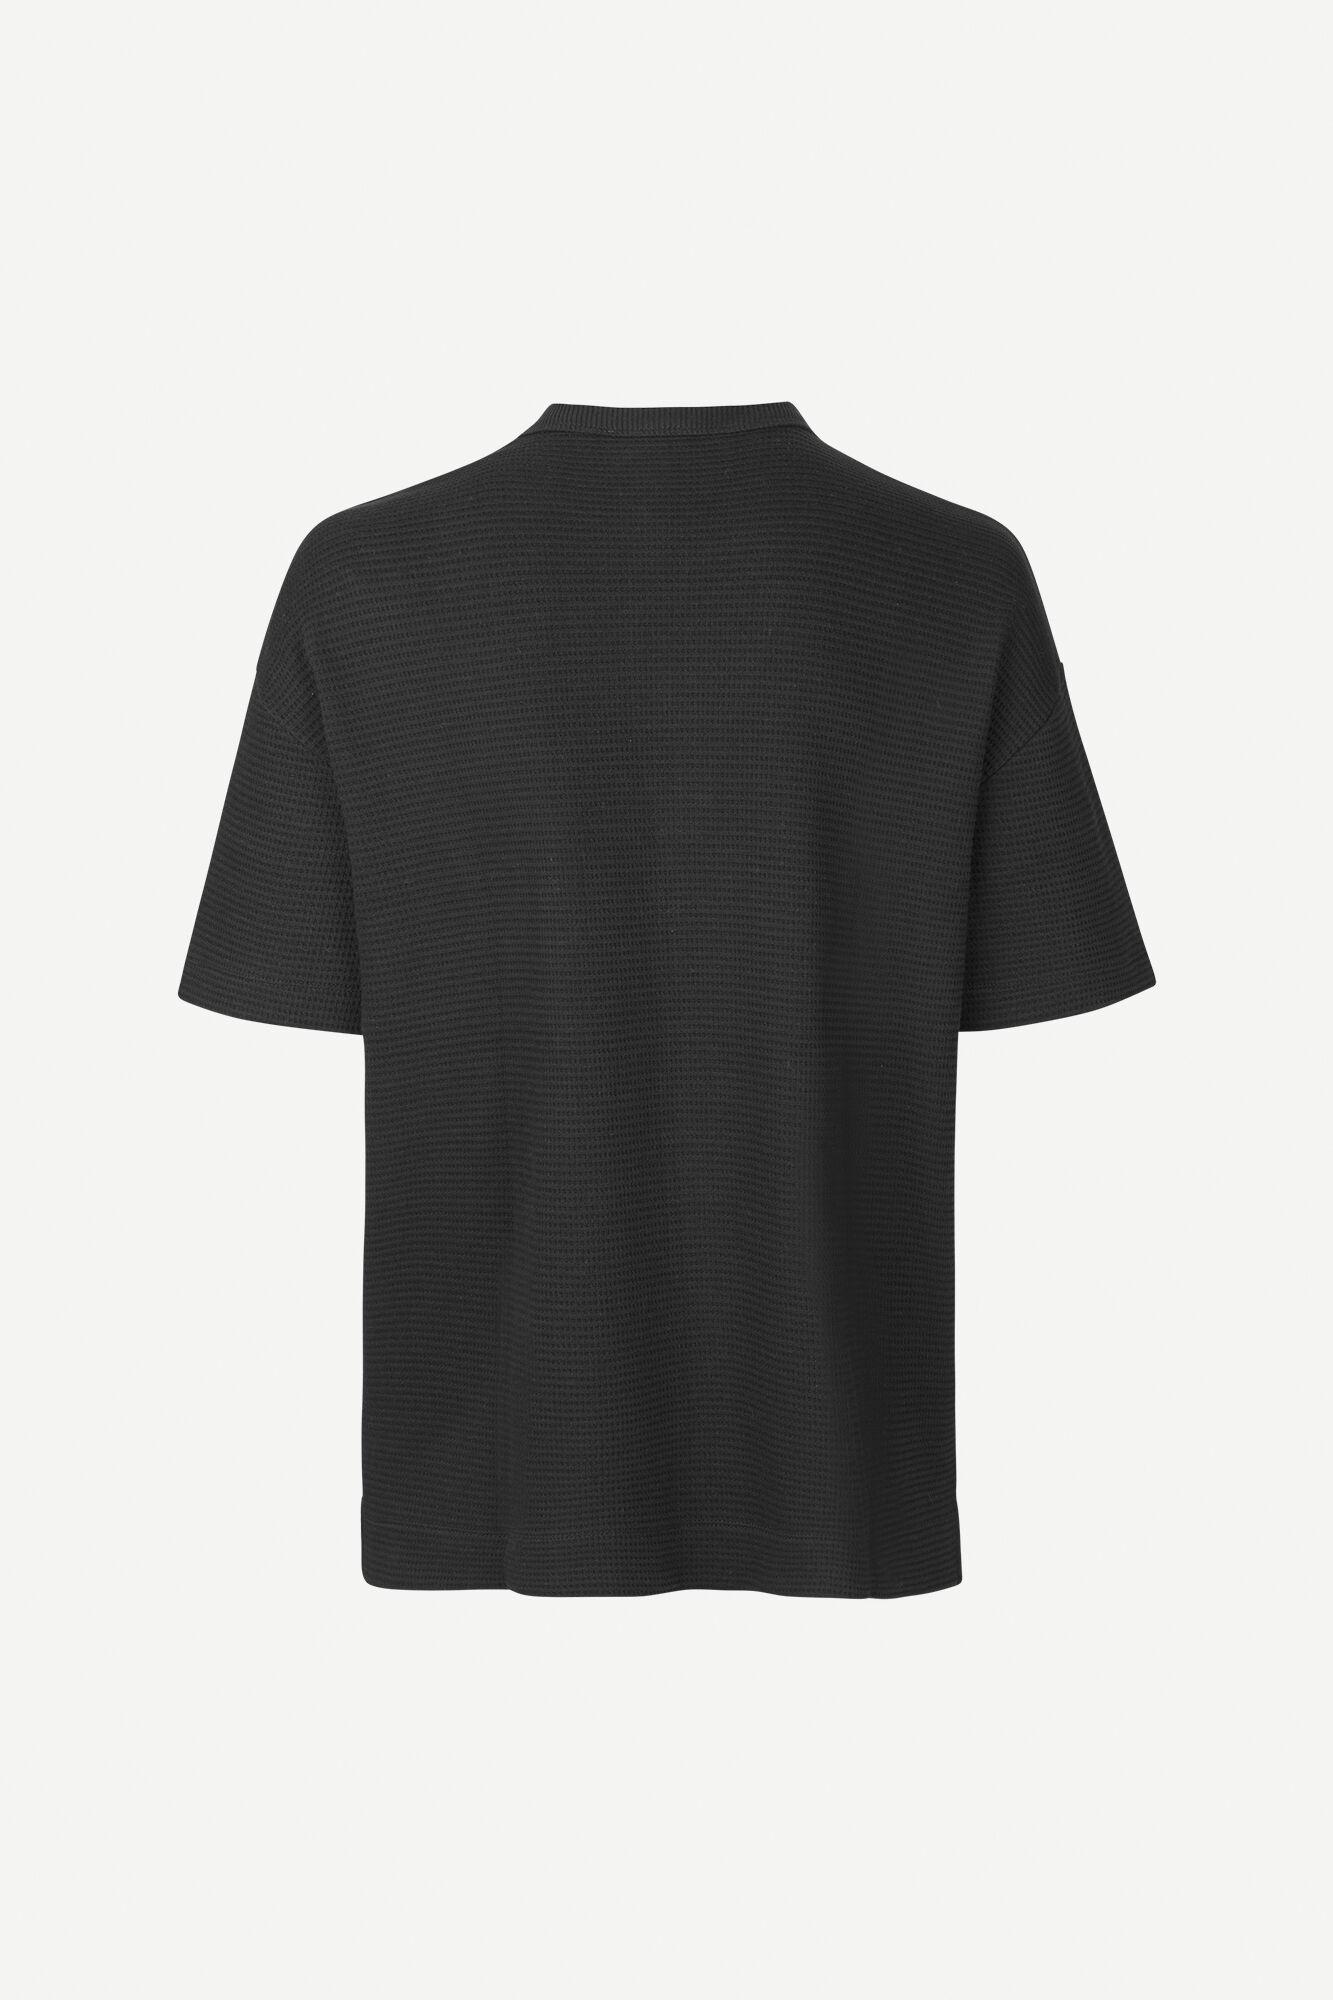 Ratano t-shirt 11583, BLACK